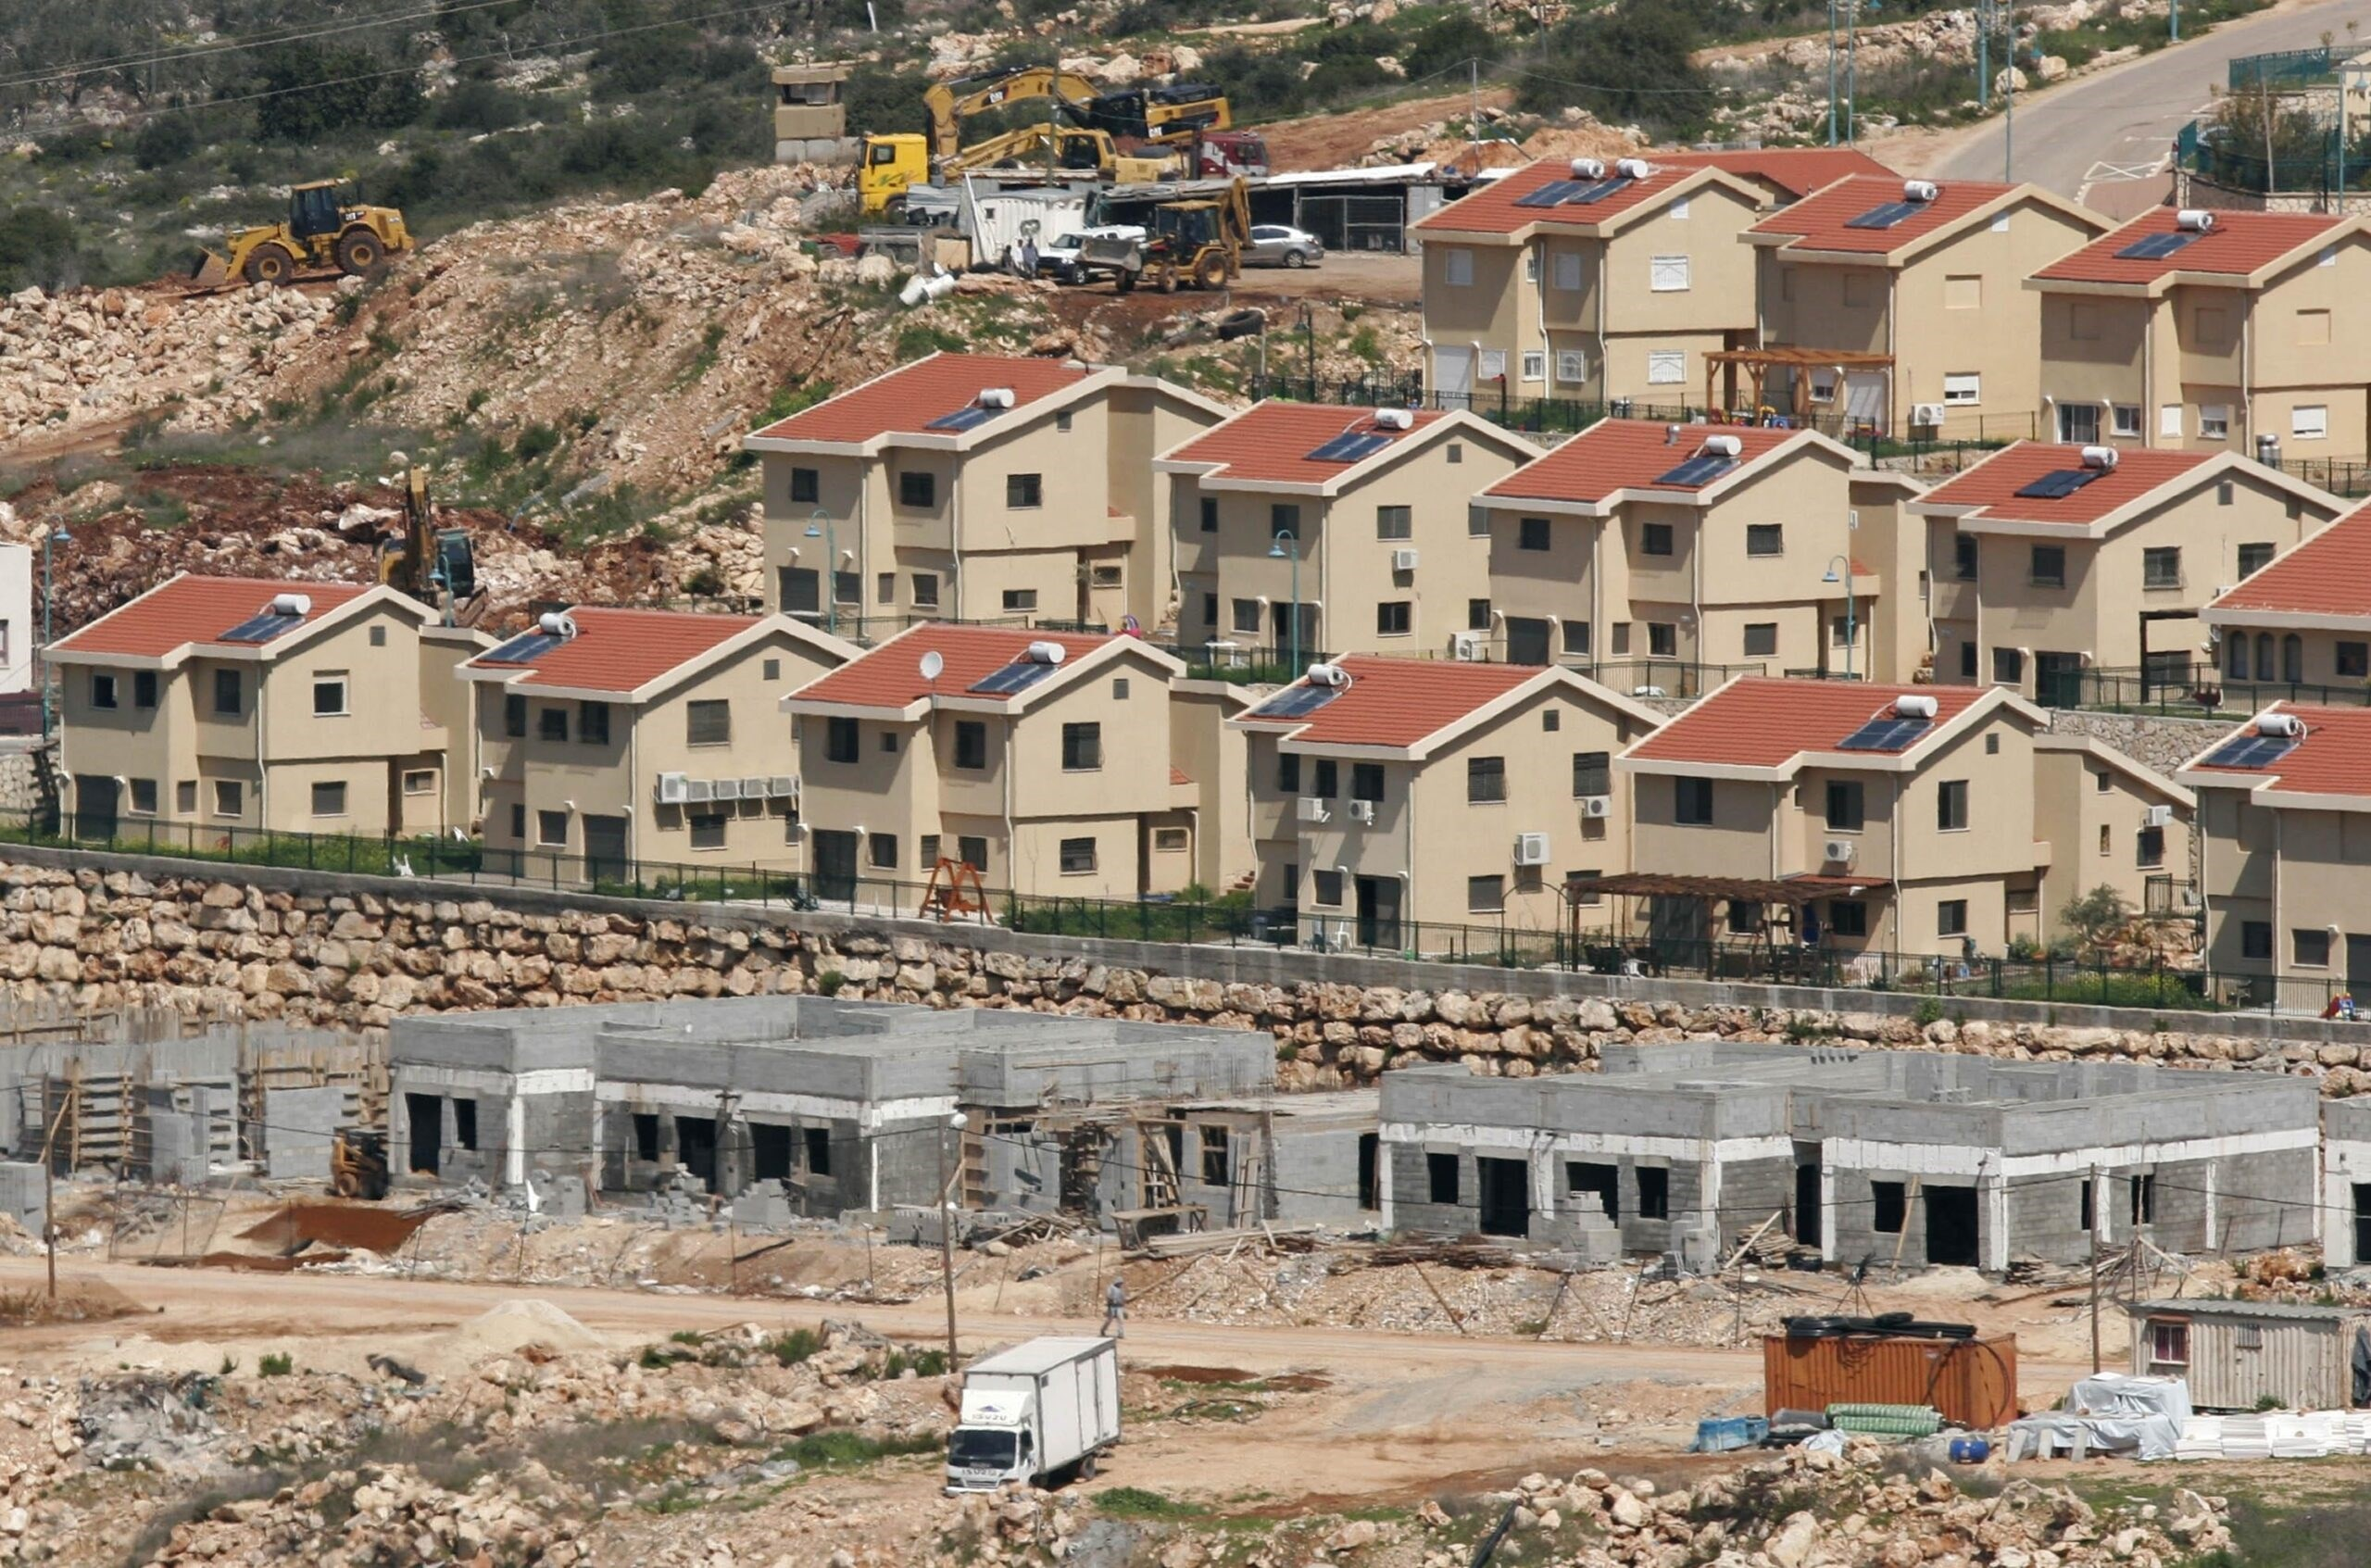 الولايات المتحدة أكدت للإمارات أنها لن تدعم الضم الإسرائيلي قبل عام 2024